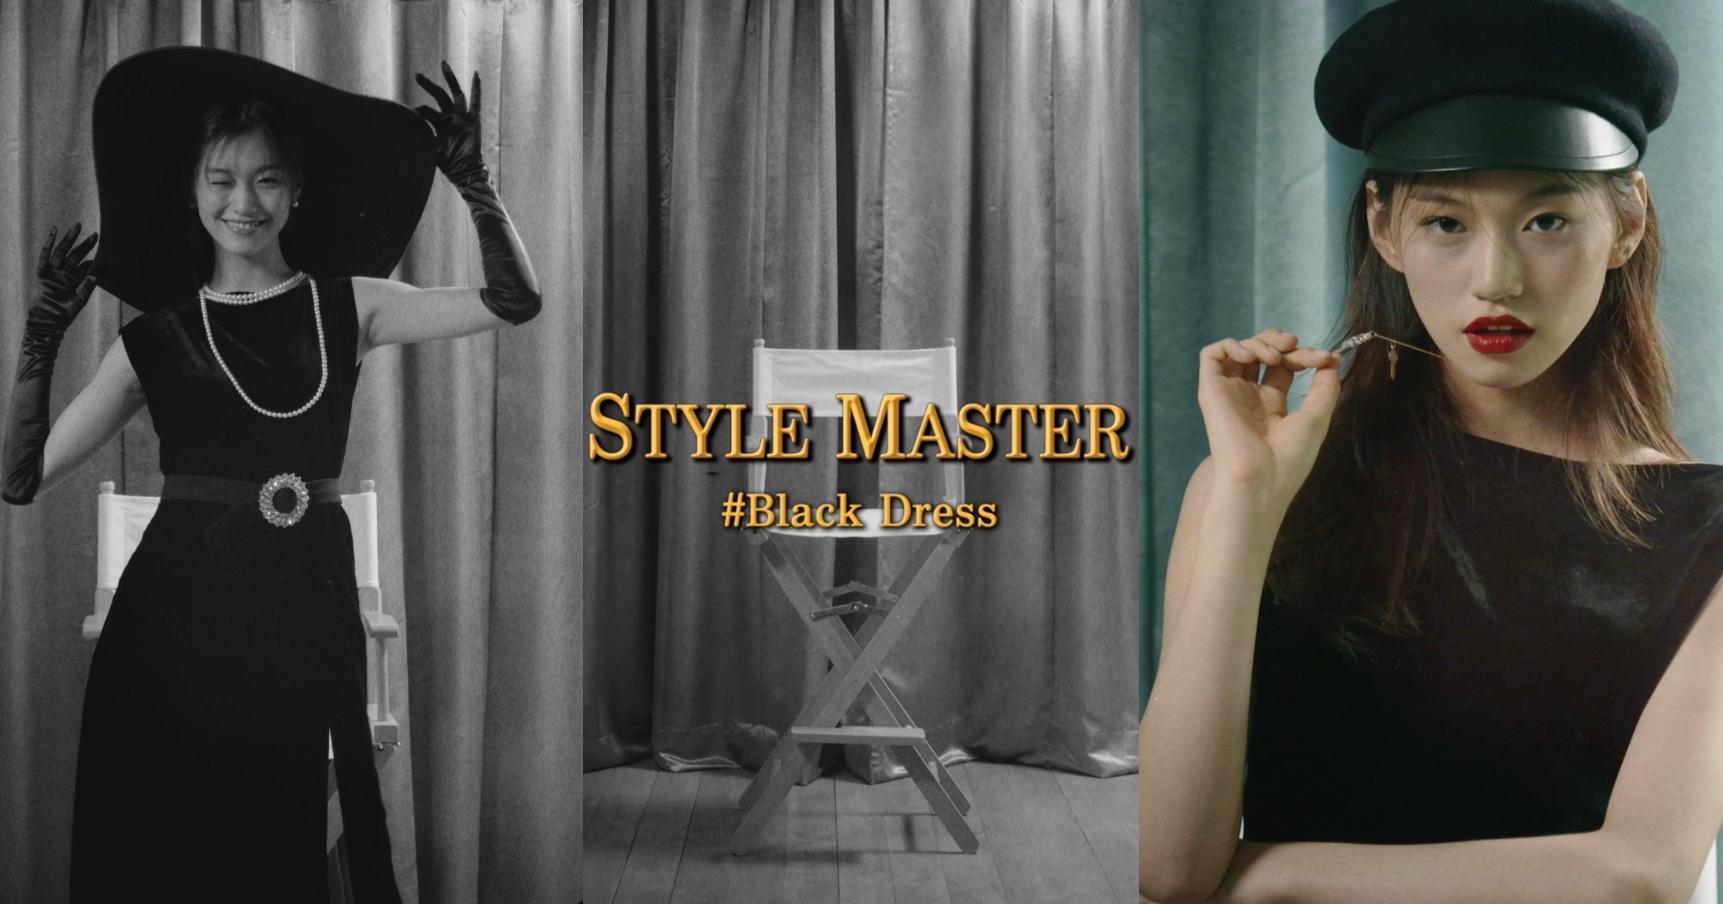 영화 '티파니에서 아침을' 좋아하세요? 바자의 스타일 마스터 김도연이 공개한 영화 속 오드리 헵번의 블랙 드레스 연출하기!